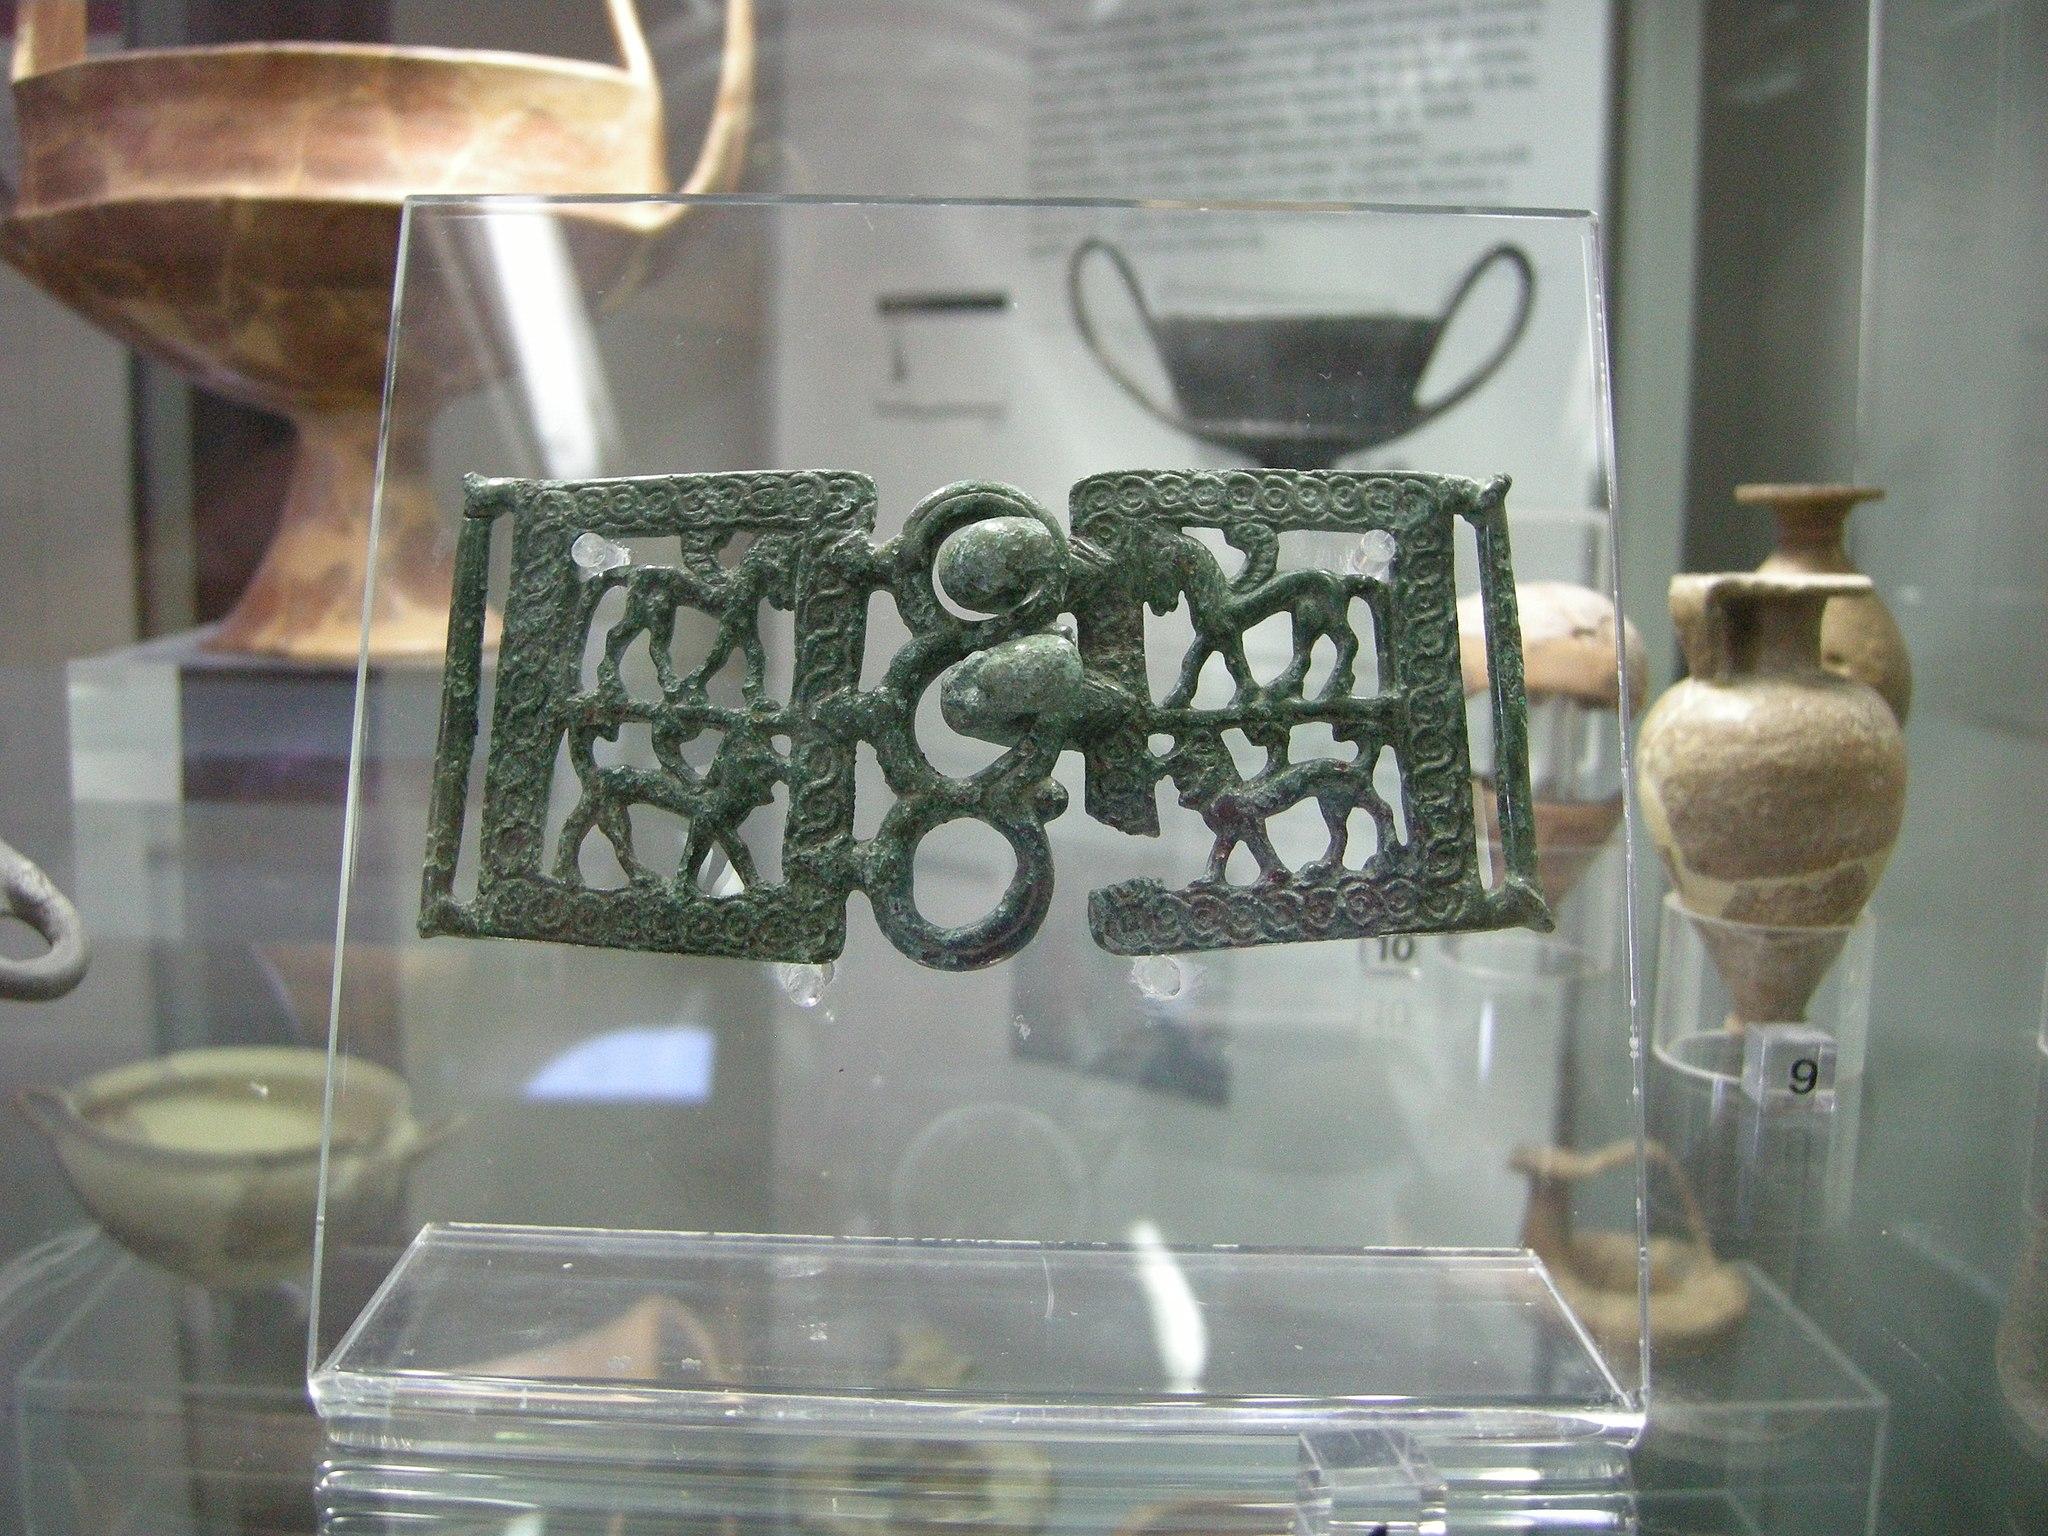 Museo archeologico di massa marittima, fibbia etrusca